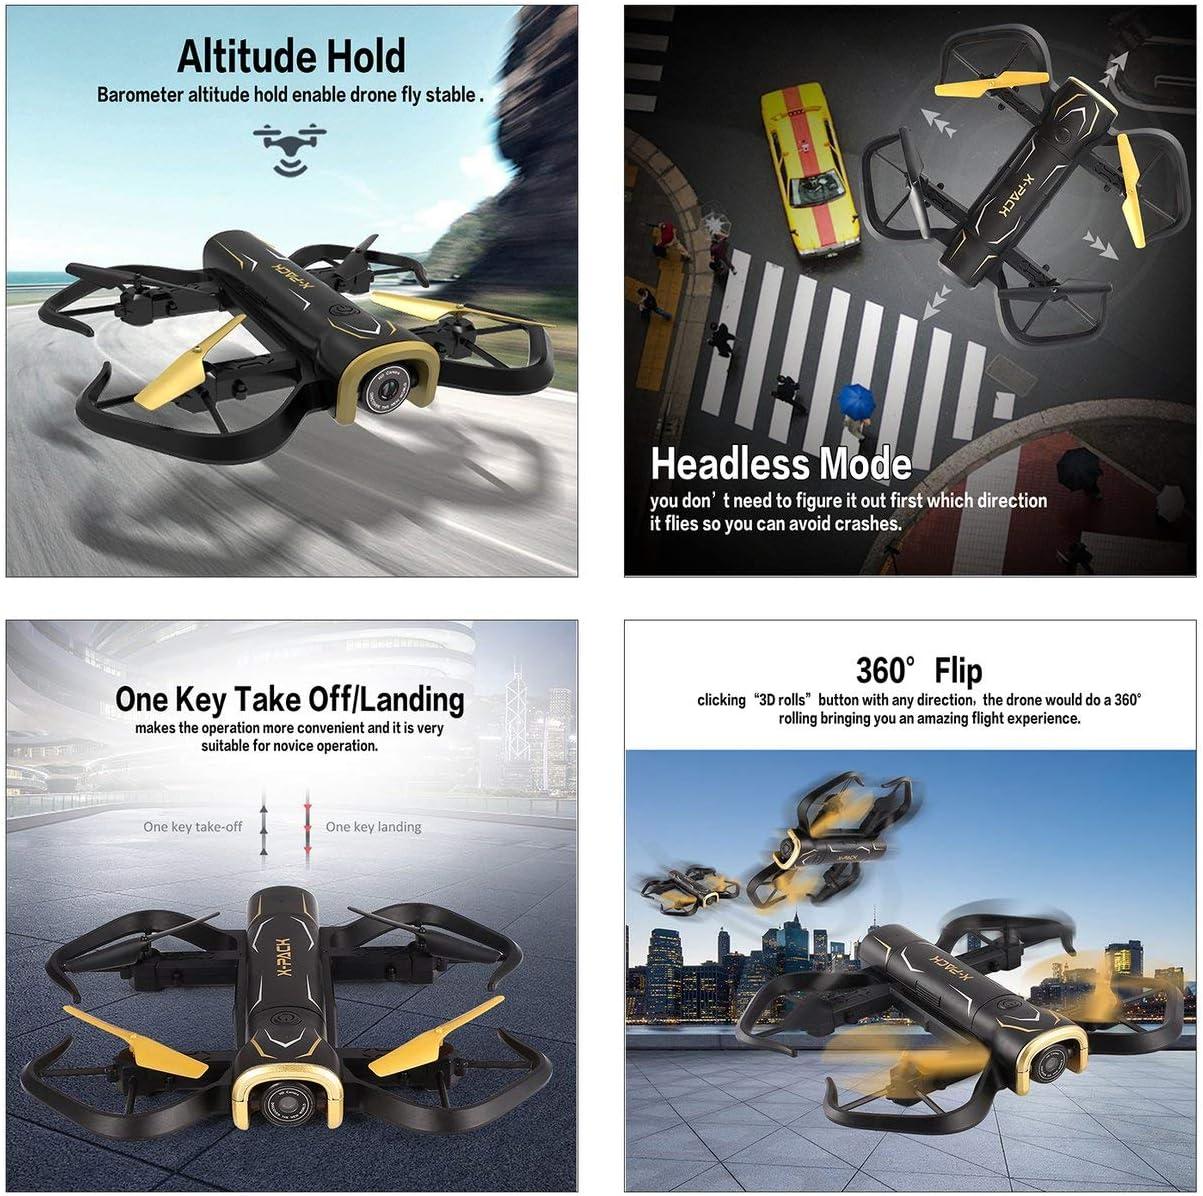 Mazur Attop X-PACK5 Drone Smart Quadcopter Pliable RC avec Altitude Hold Mode sans tête One Key Return One Key Take Off (Couleur: Noir): Amazon.es: Juguetes y juegos